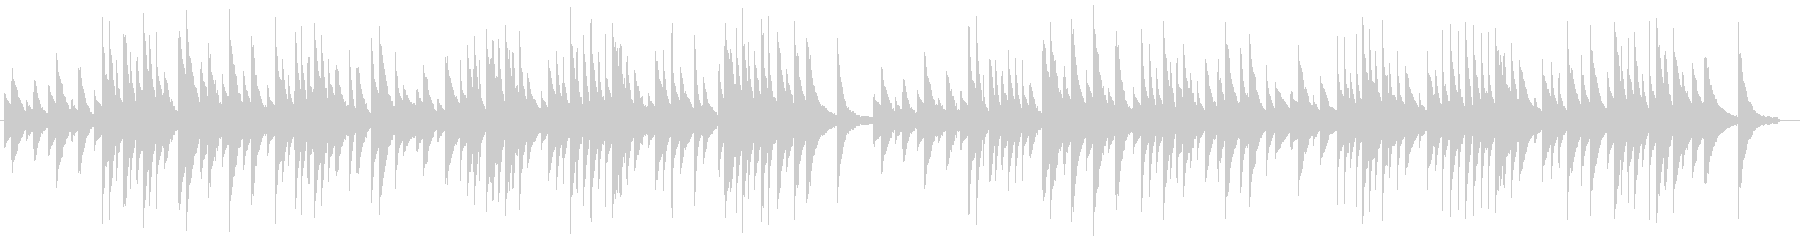 サティ ジムノペディ【高品質ピアノ音源】の未再生の波形